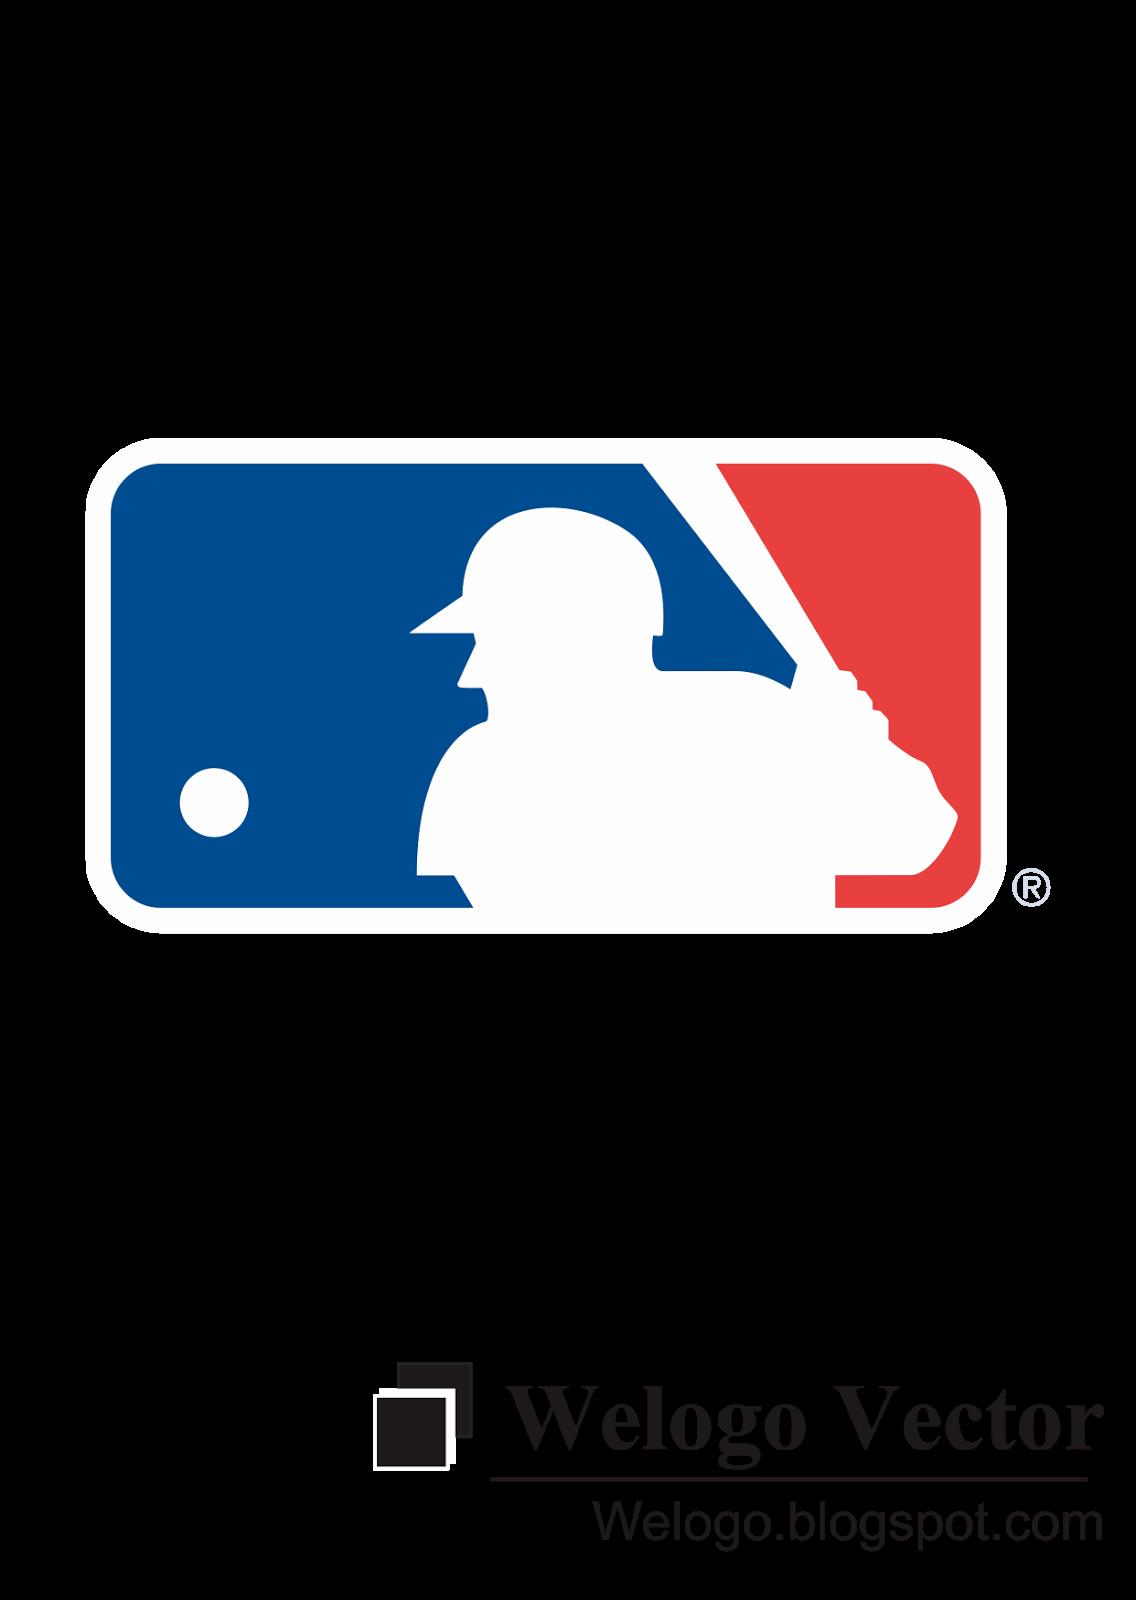 mlb logo vector vectordepfree rh vectordepfree blogspot com mlb team logo vector major league baseball logo vector